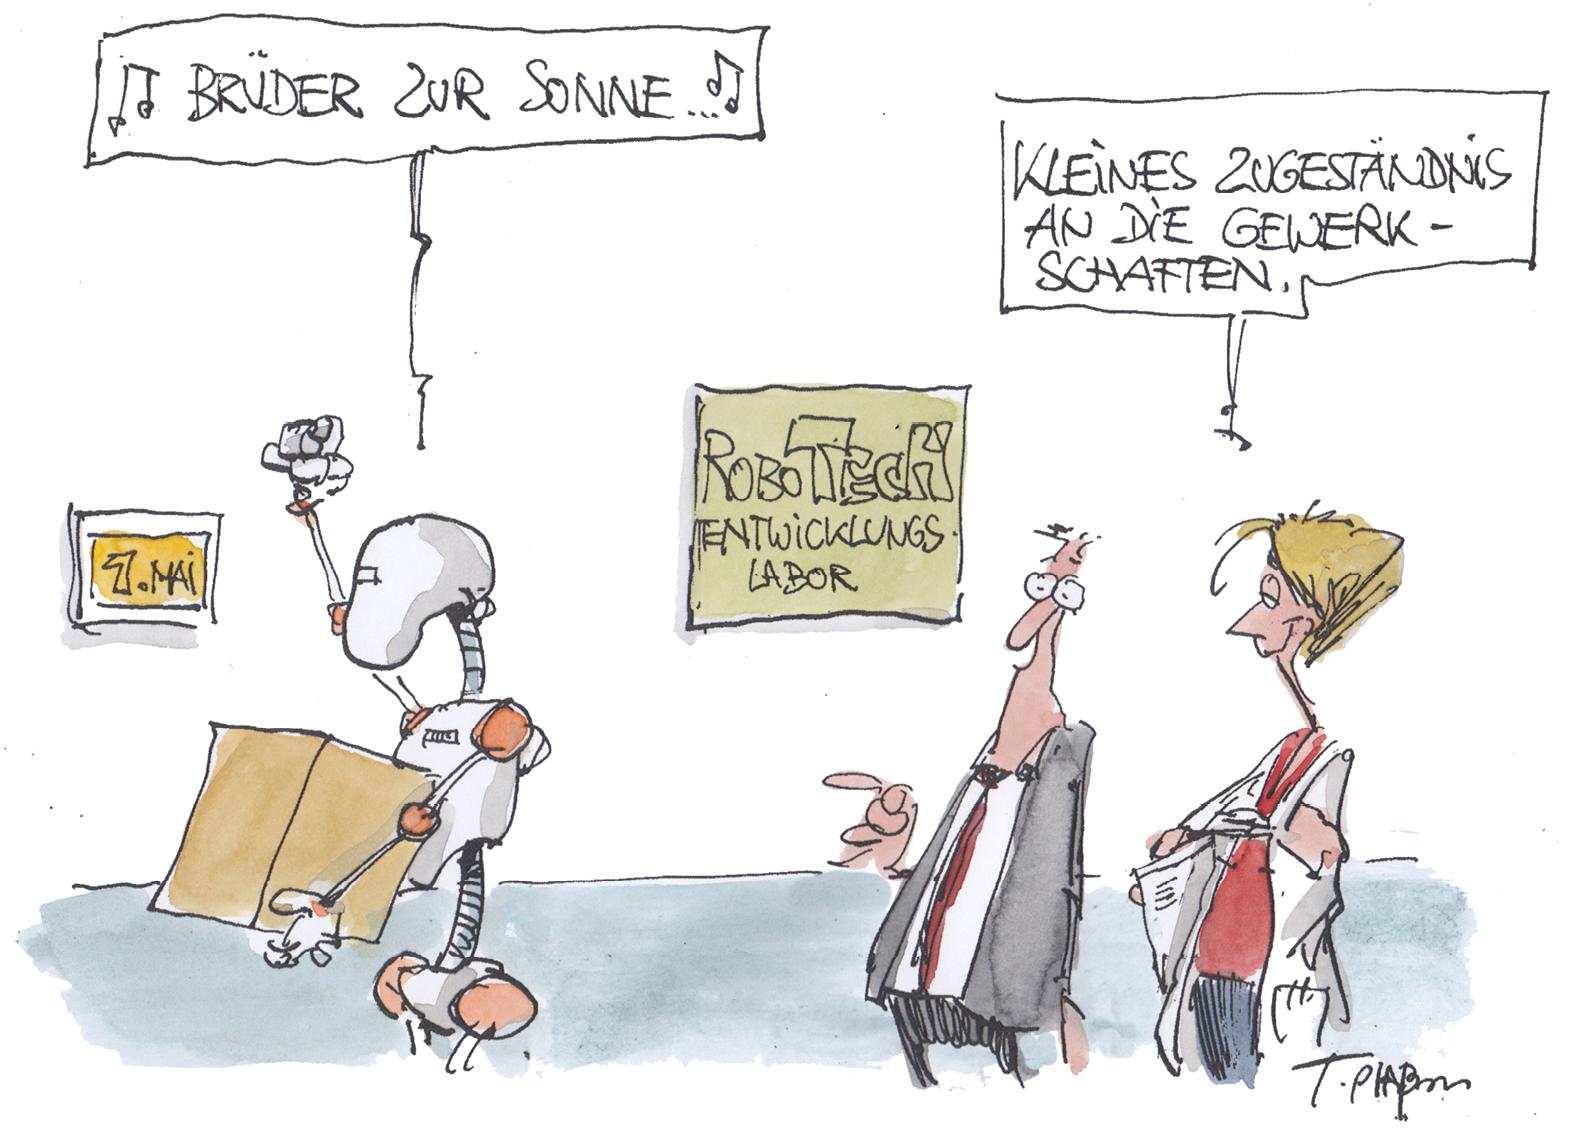 brüder_zur_sonne_rob_Kopie_2